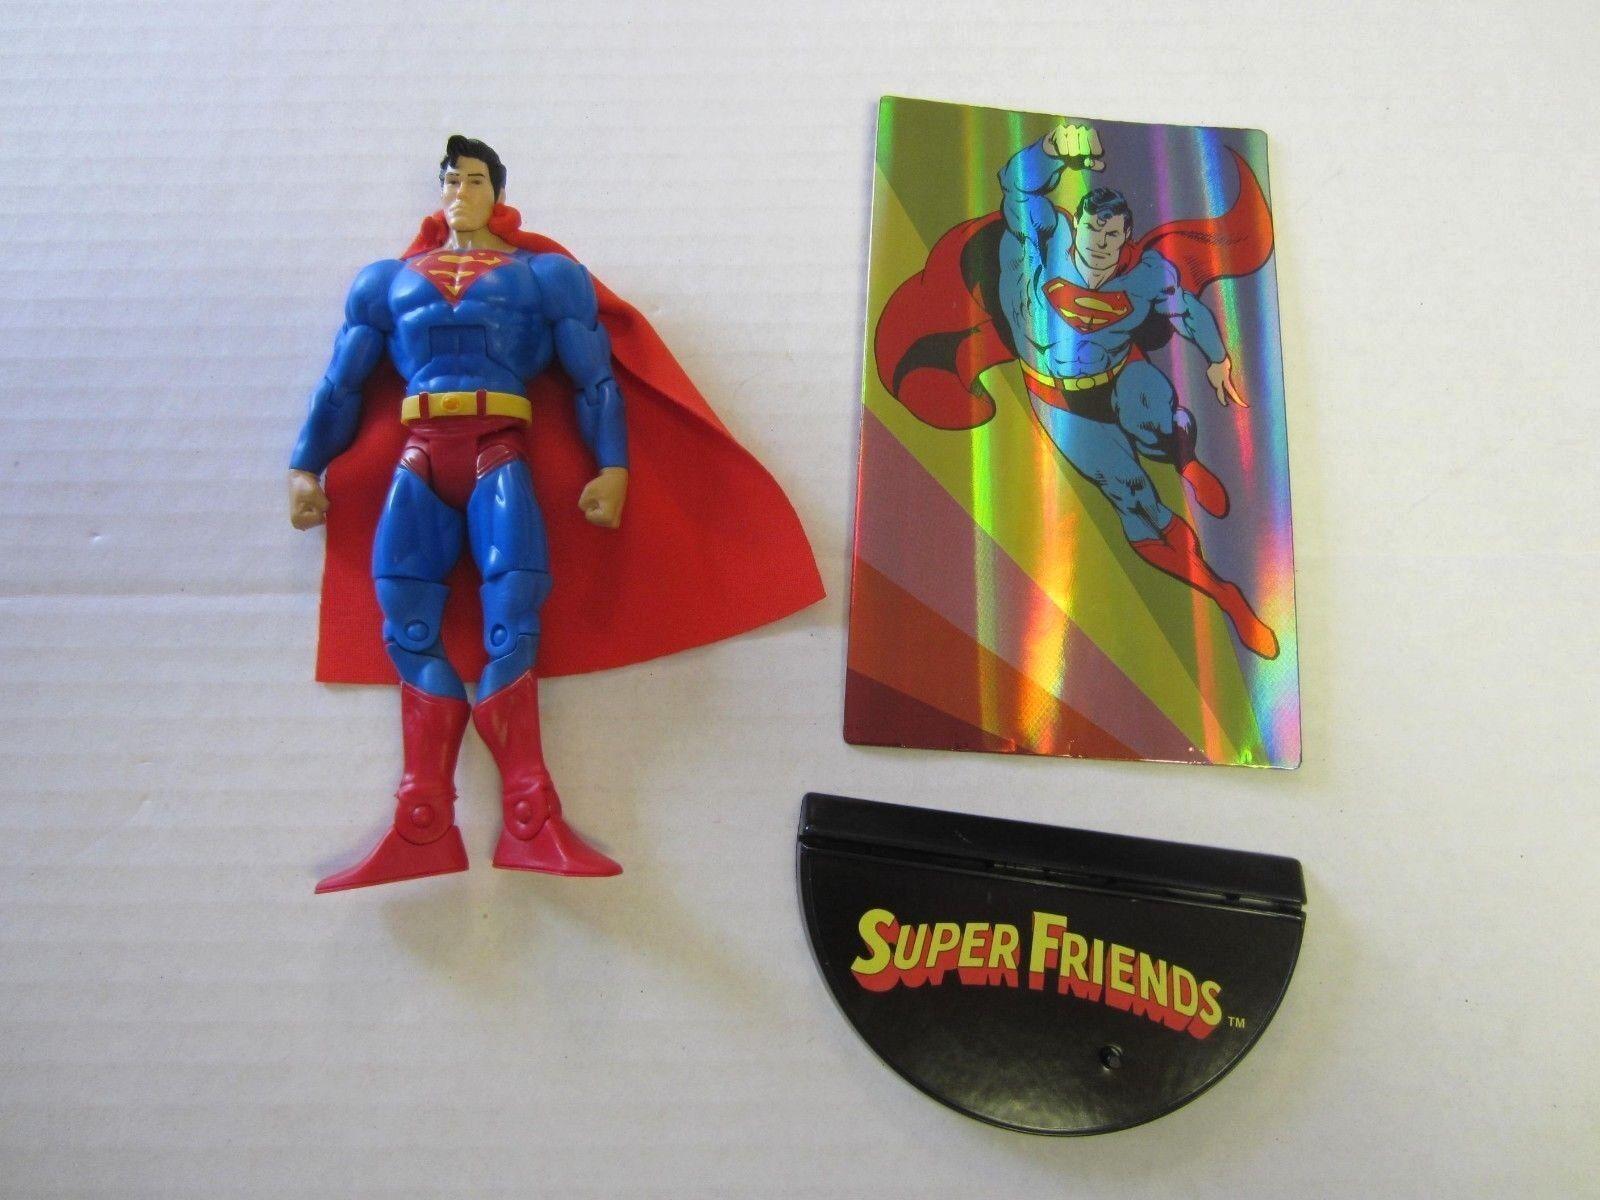 Superman Action Figure 6 1 2  DC Comics Multiverse Super Friends k